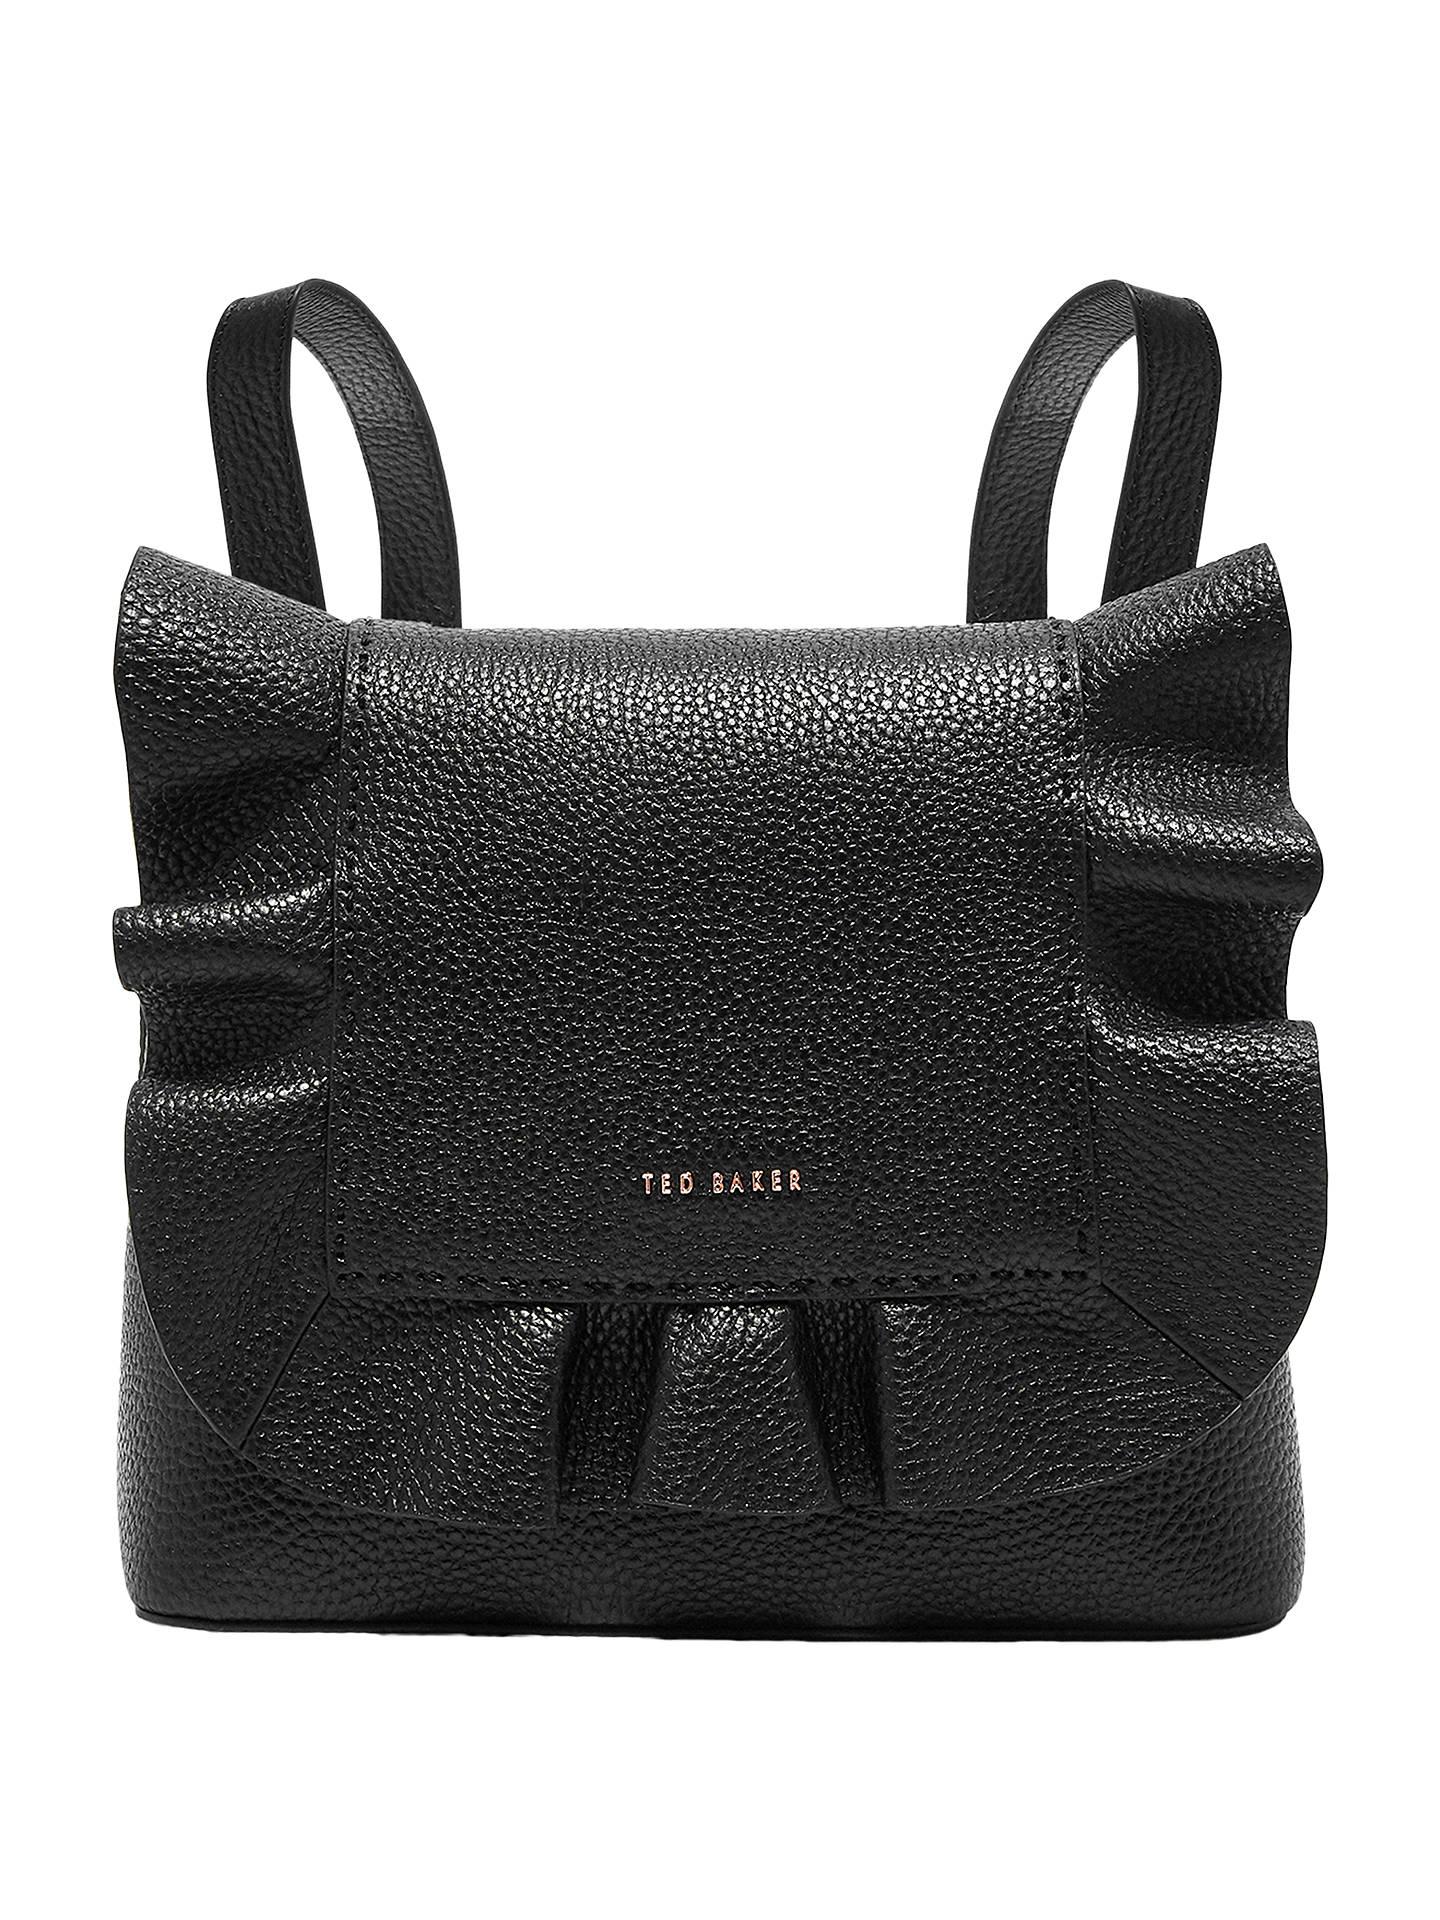 ca166cc9f Buy Ted Baker Rammira Leather Shoulder Bag, Black Online at johnlewis.com  ...